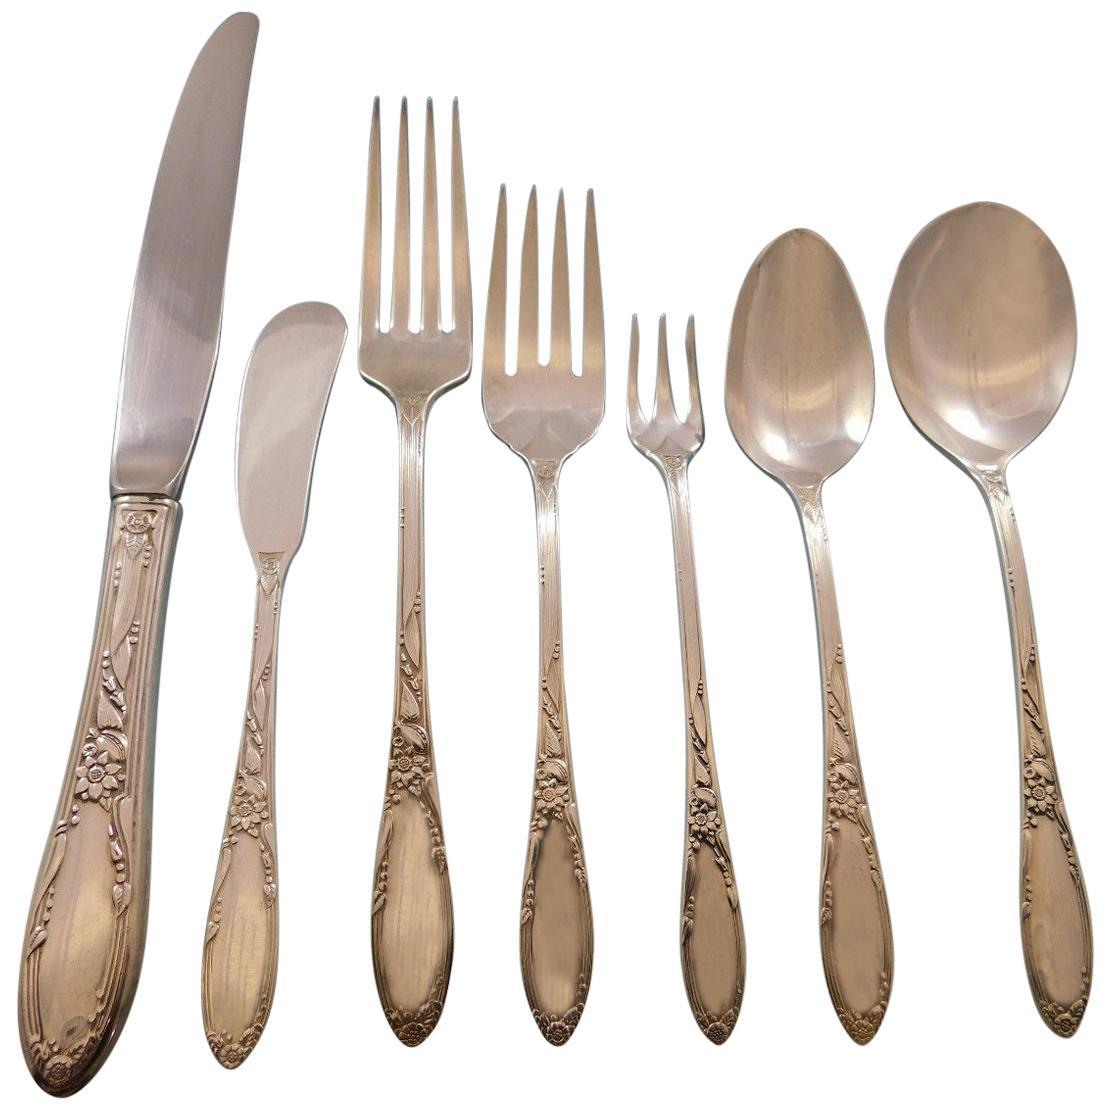 Oneida Heiress Cocktail Fork Sterling Silver Flatware